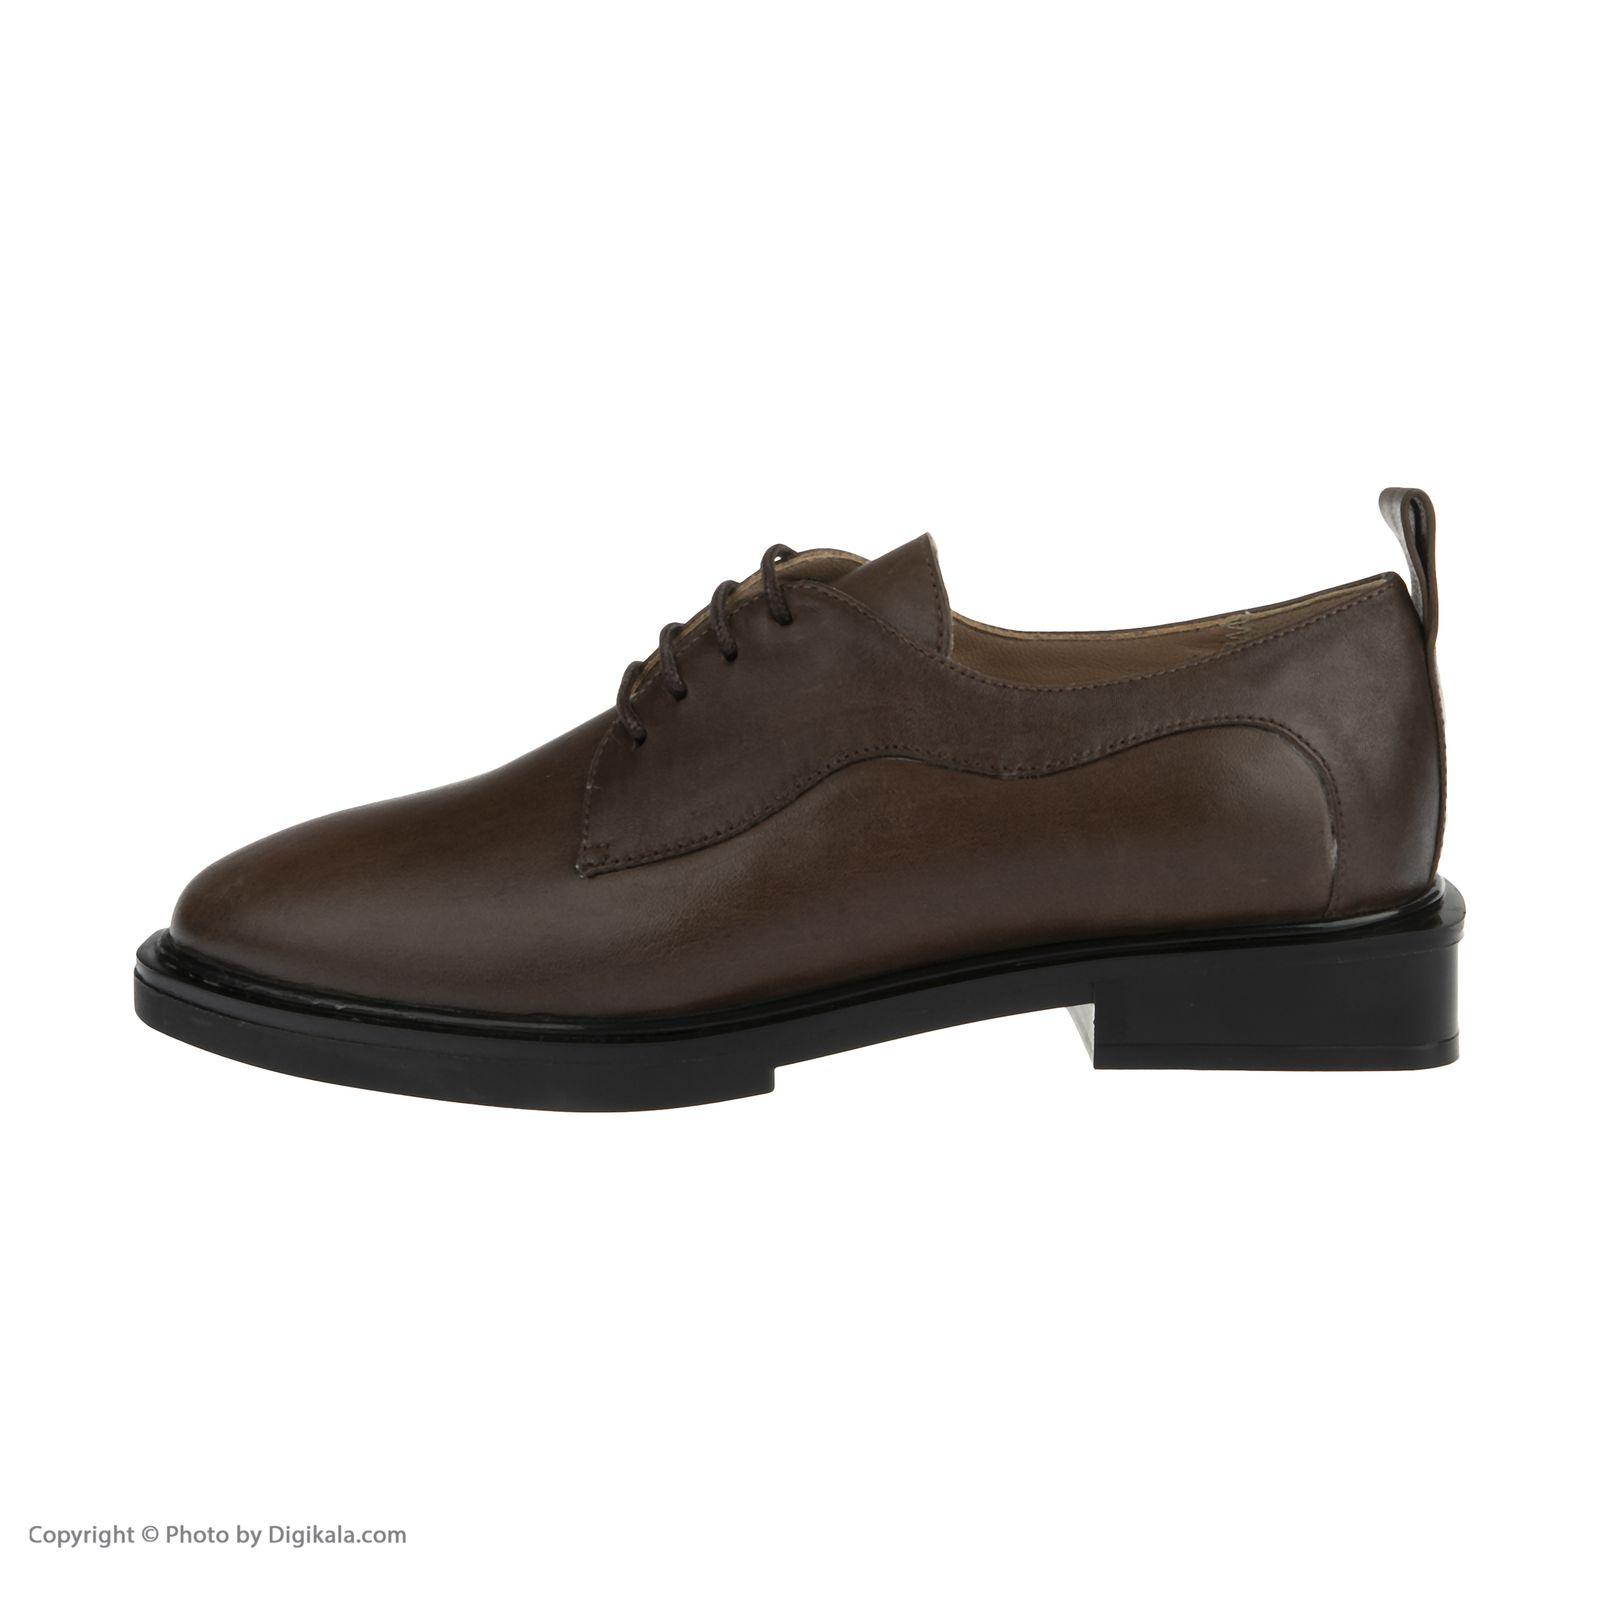 کفش روزمره زنانه آرتمن مدلBrooke-42097